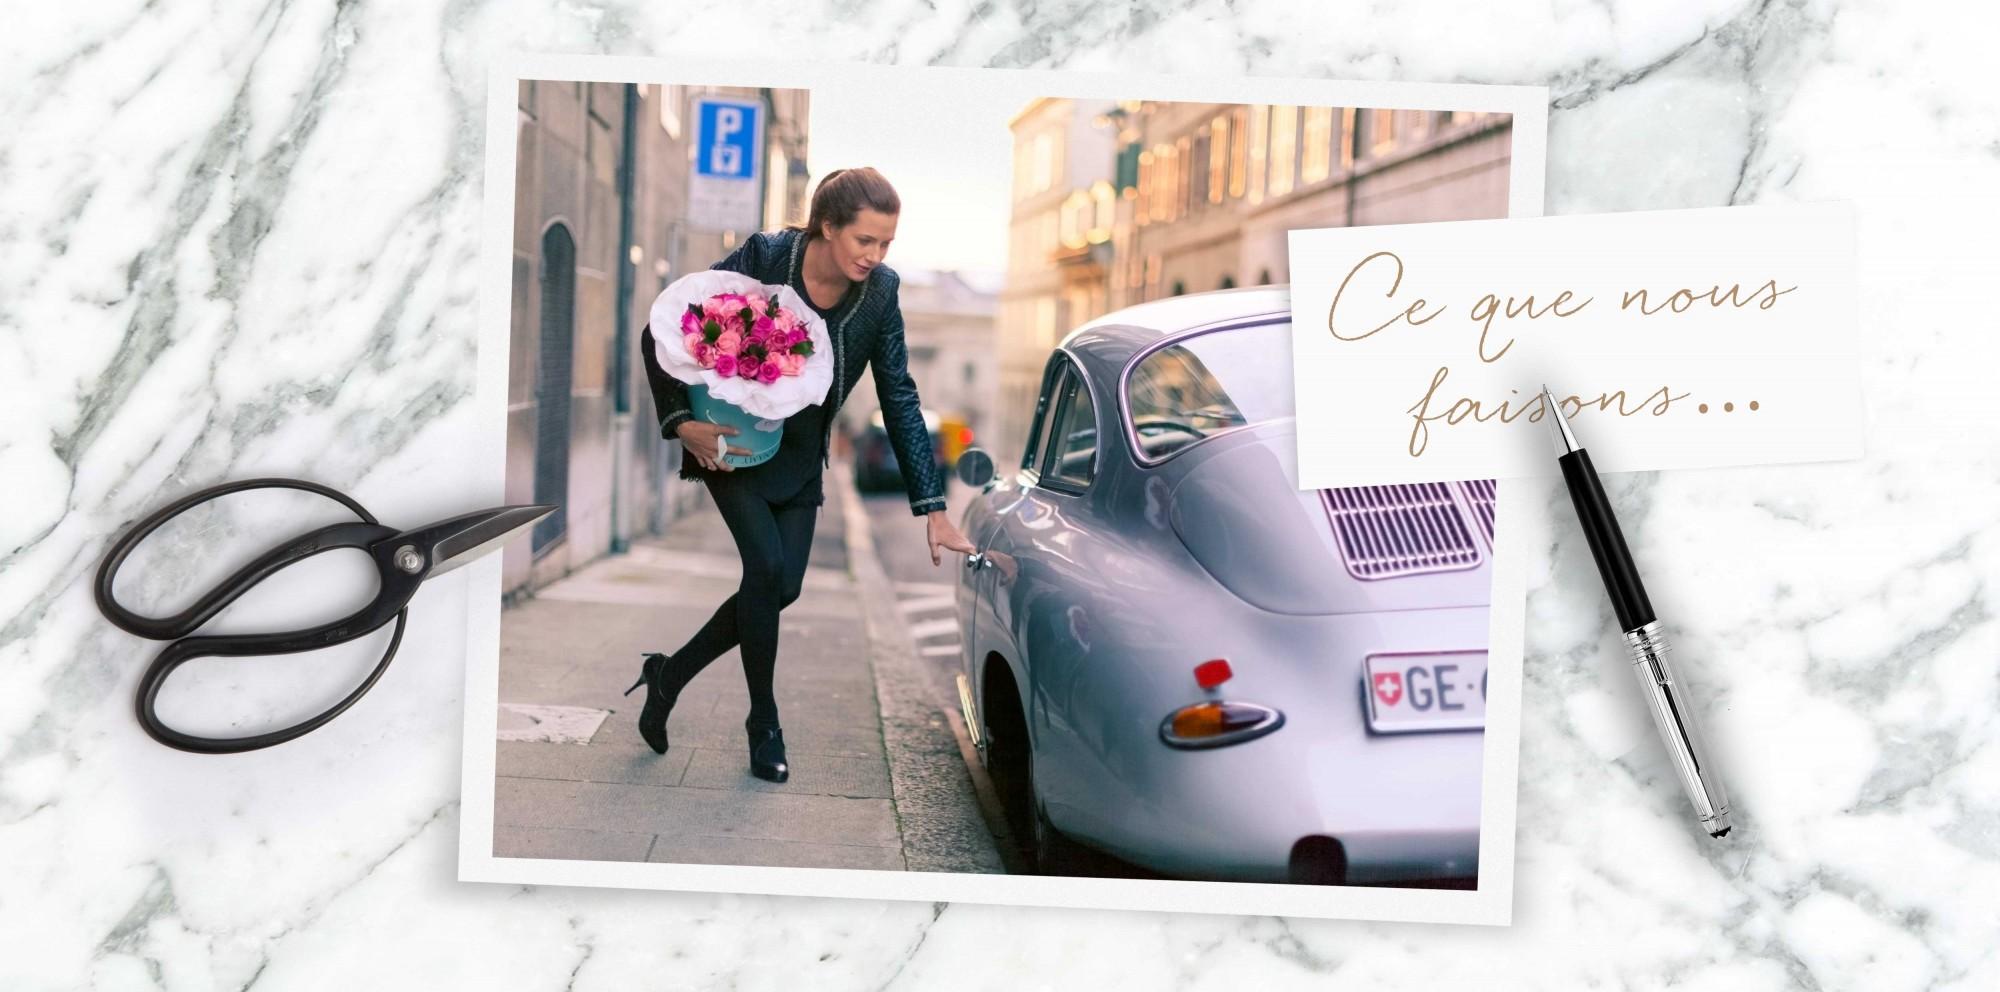 À Propos - PANAMY envoyer des fleurs en Suisse , Geneve, Lausanne, Montreux, Zürich, Bale